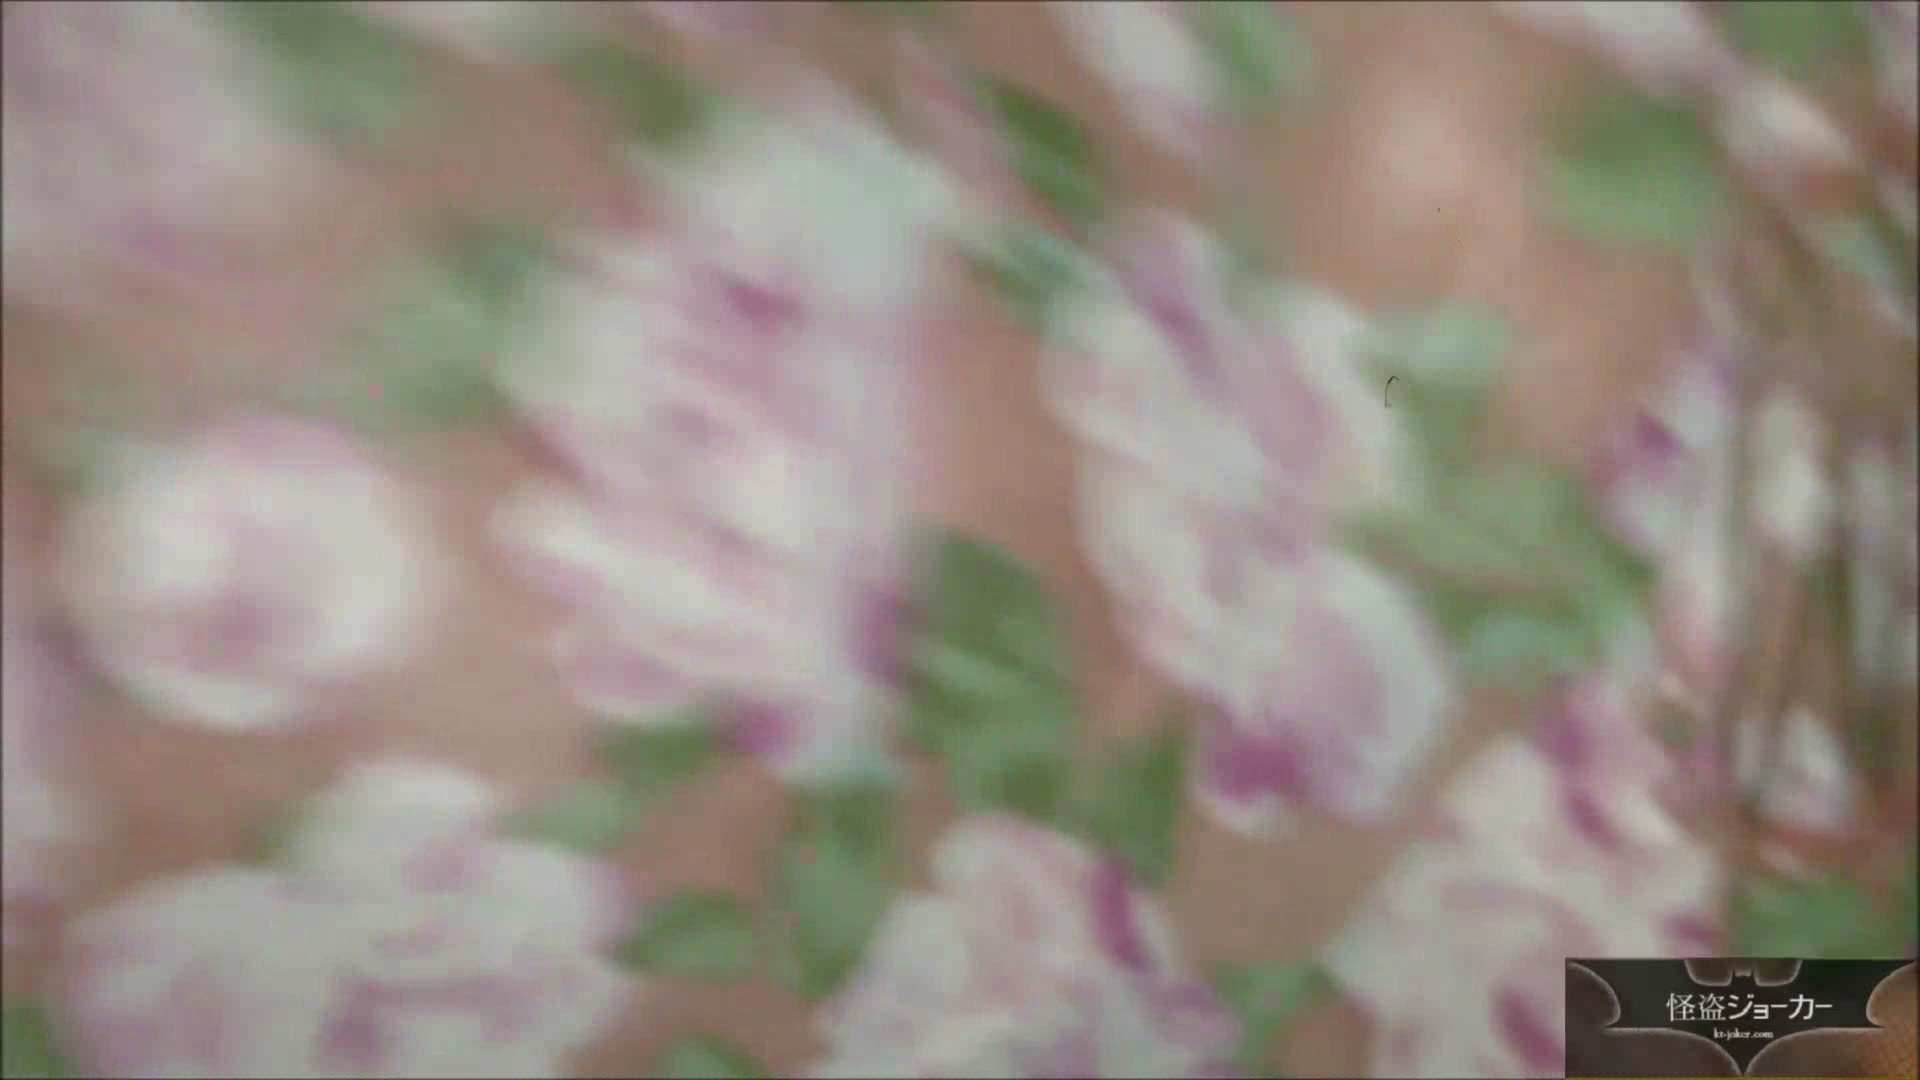 【未公開】vol.68{BLENDA系美女}UAちゃん_甘い香りと生臭い香り お姉さん攻略 おまんこ無修正動画無料 102画像 80